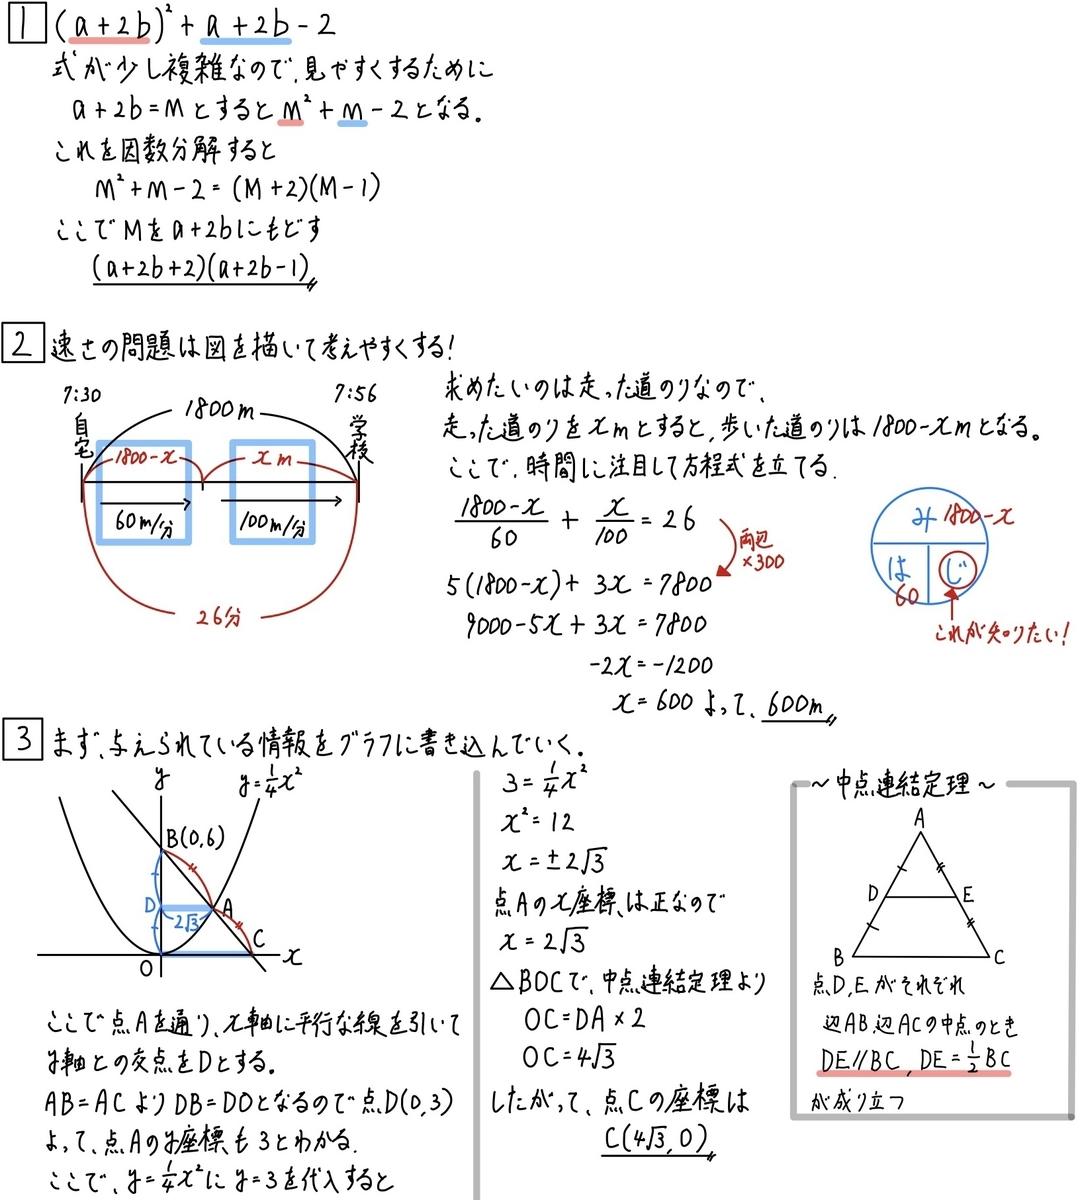 偏差値50突破への道No.3